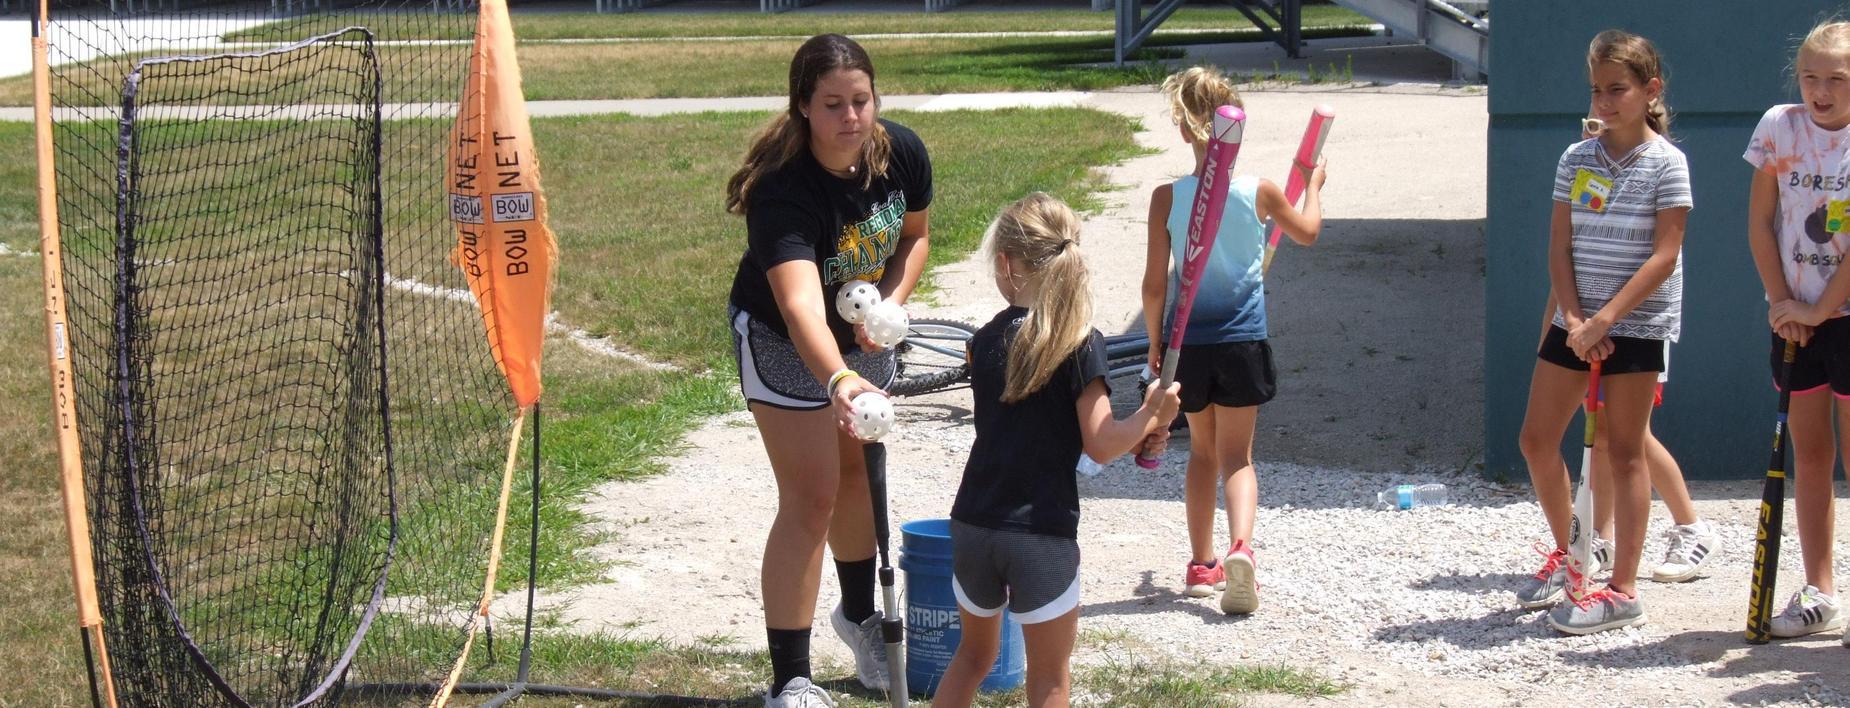 COALER camp softball session